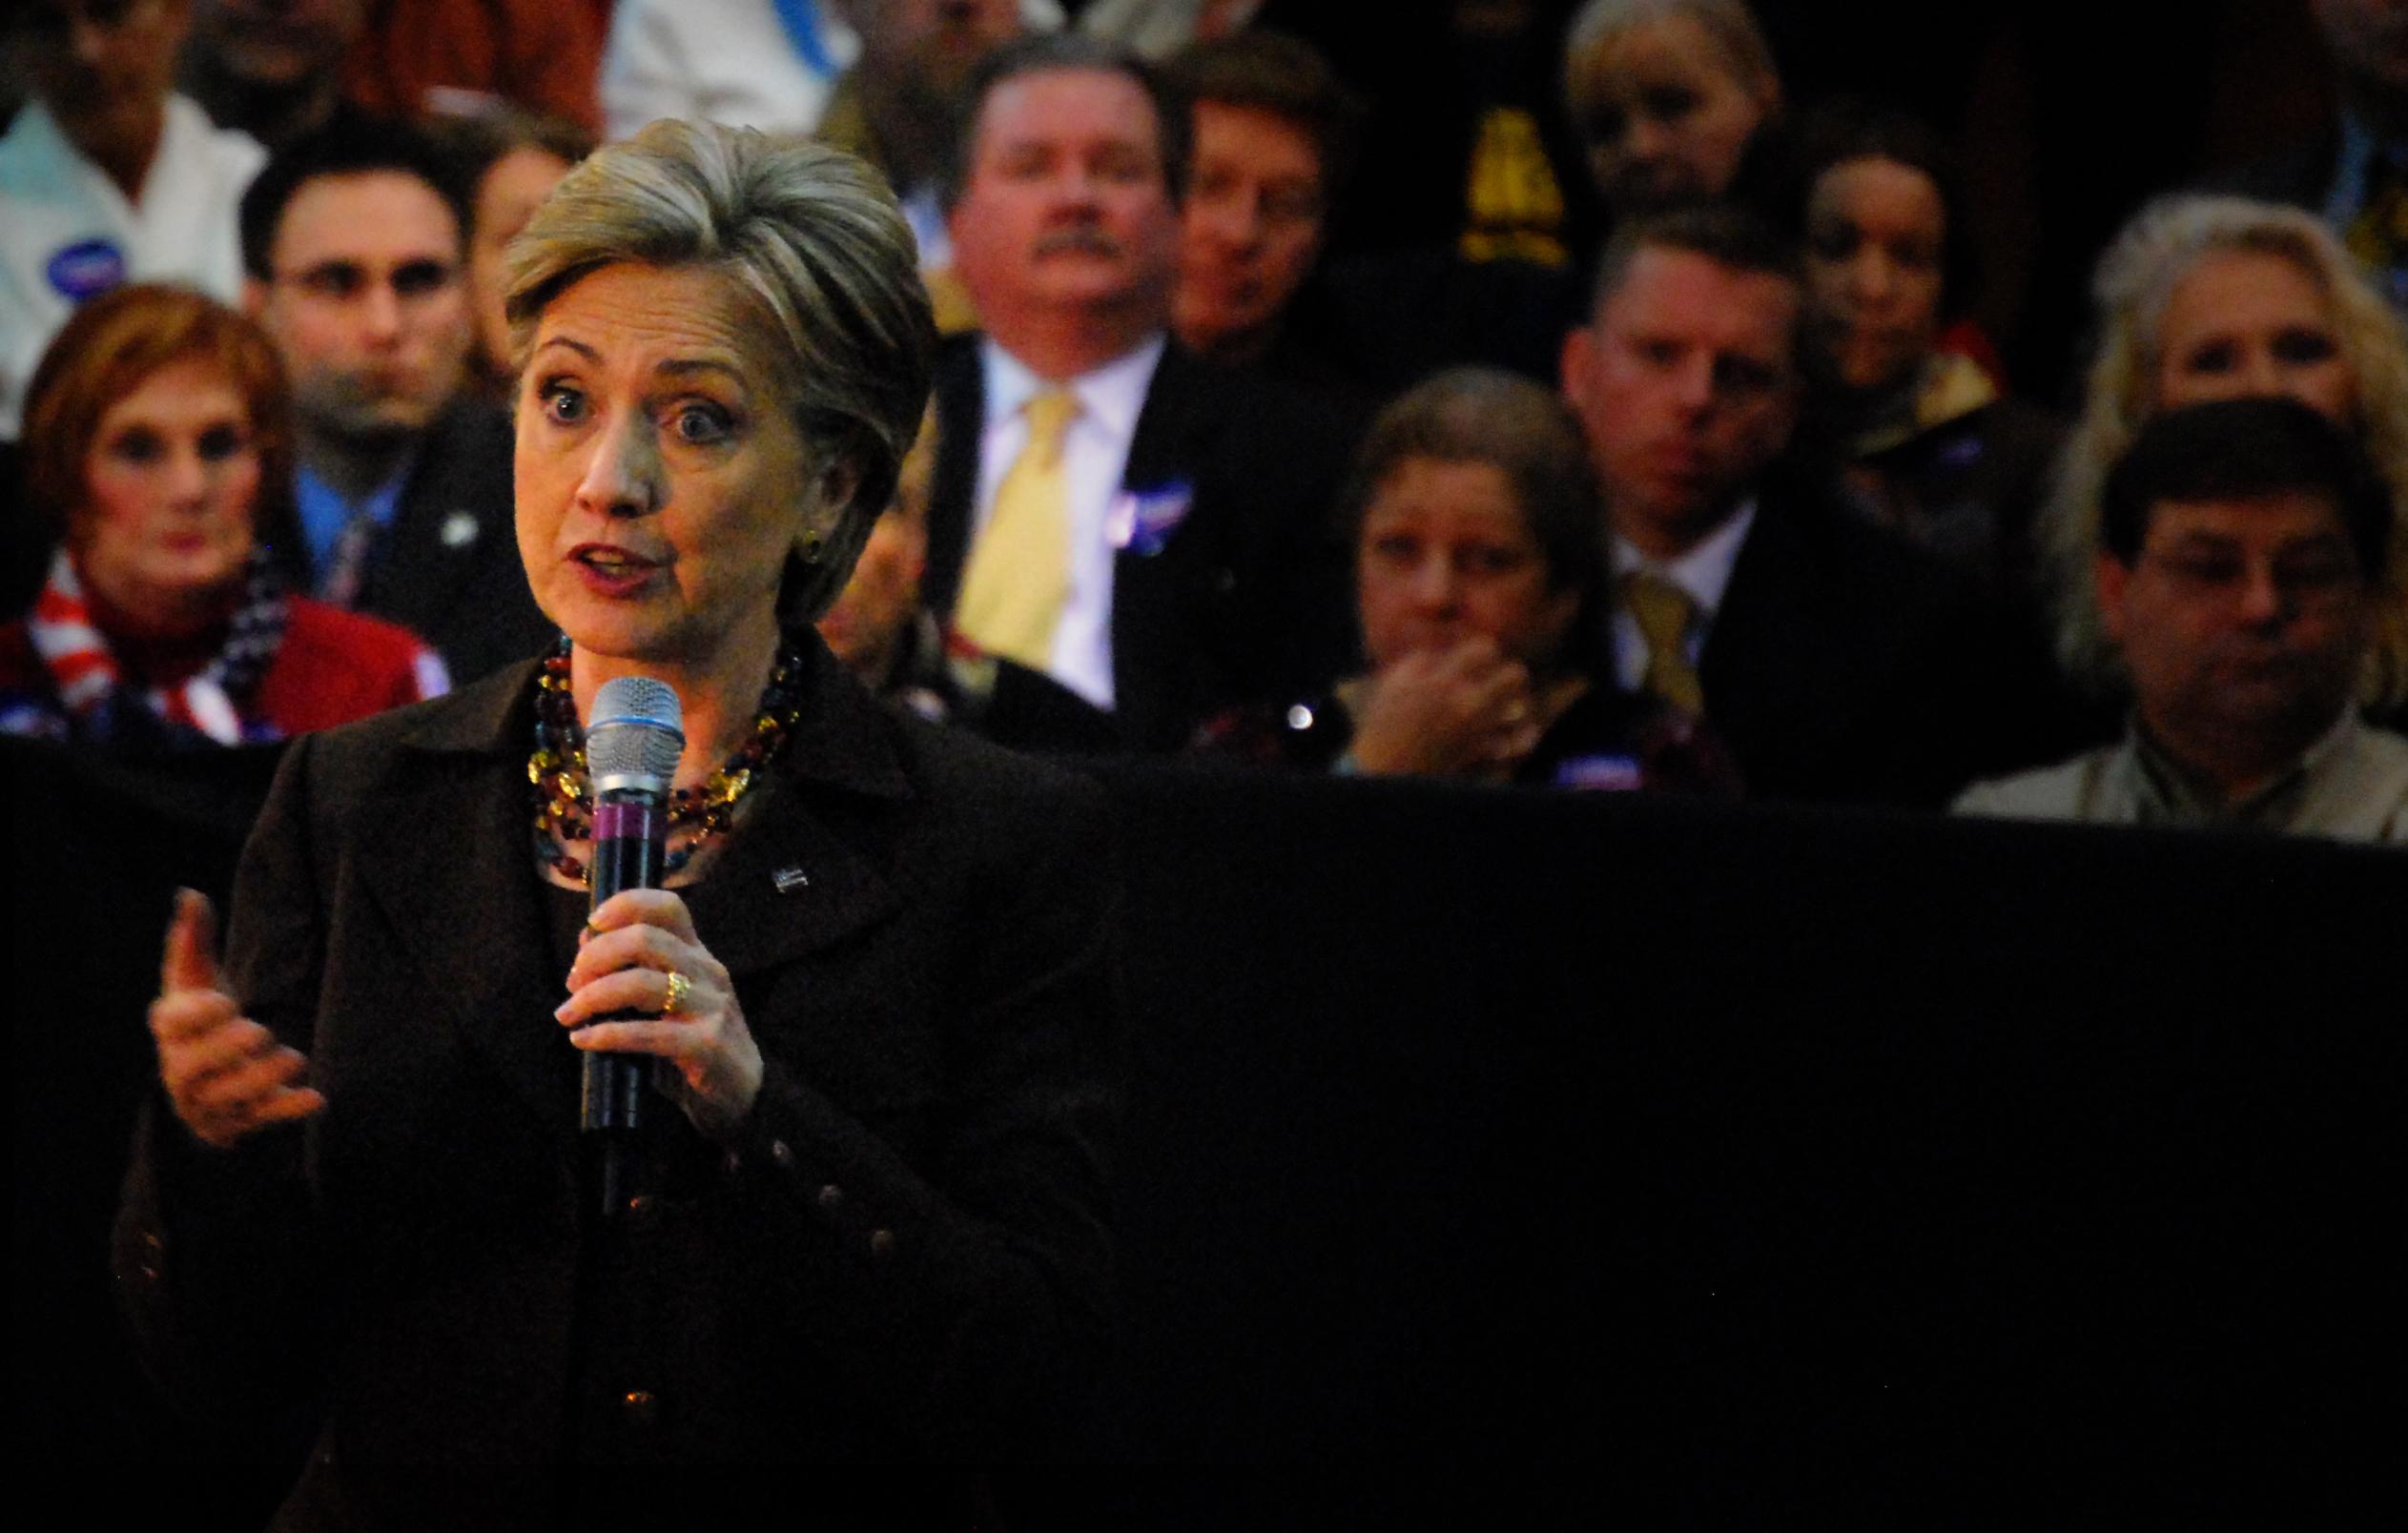 Clinton campaigns in Lorain, Ohio.